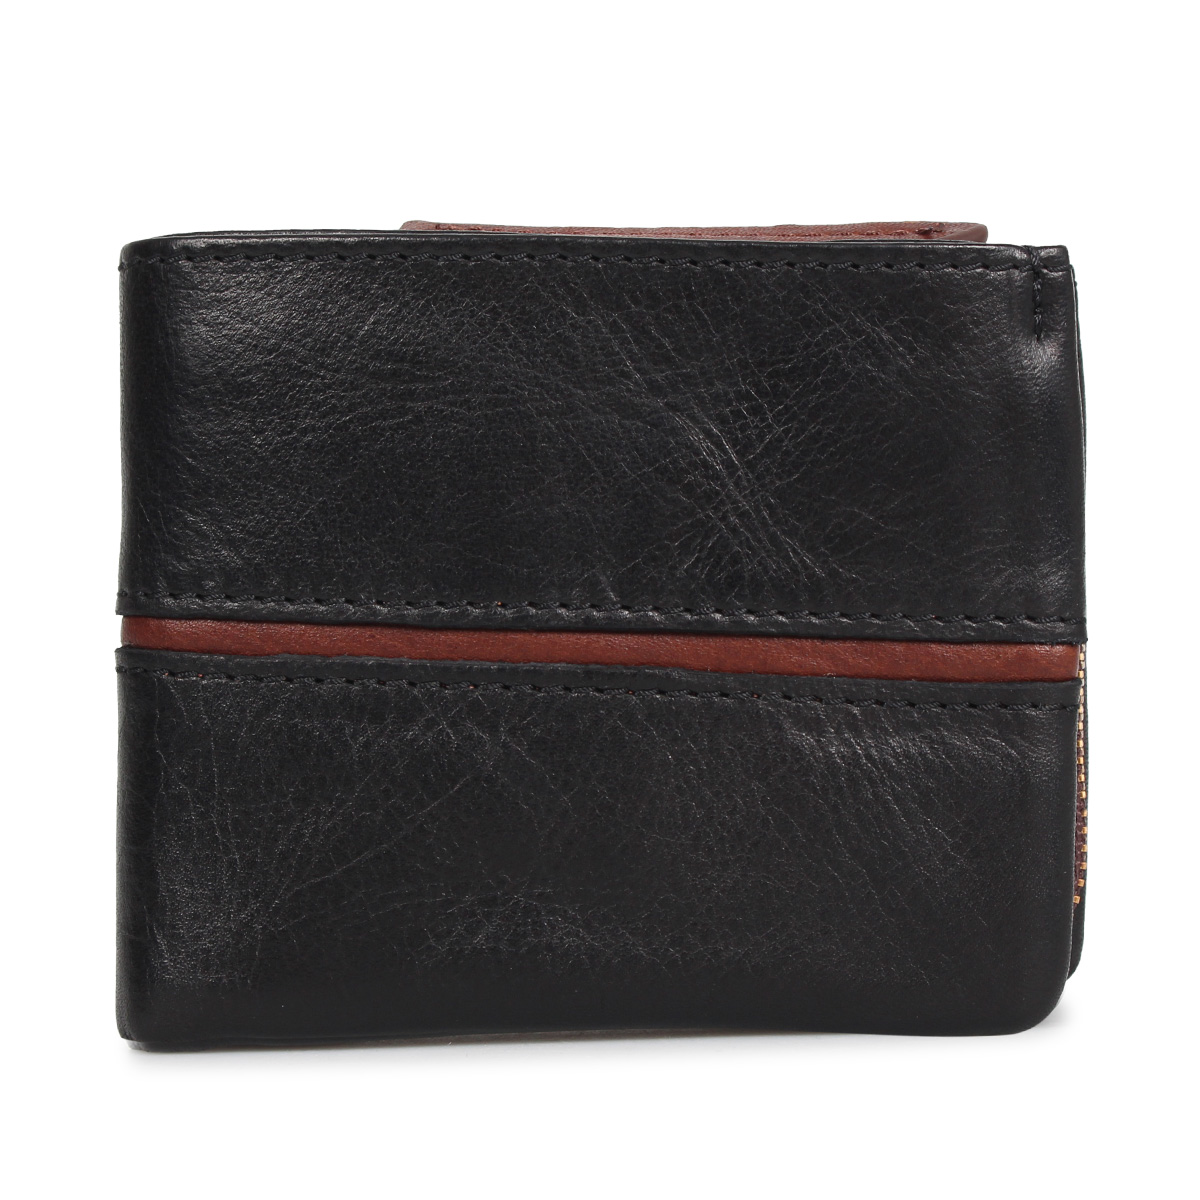 BAGGY PORT FULLCHROME バギーポート 財布 二つ折り メンズ レディース ブラック キャメル ブラウン 黒 HRD408